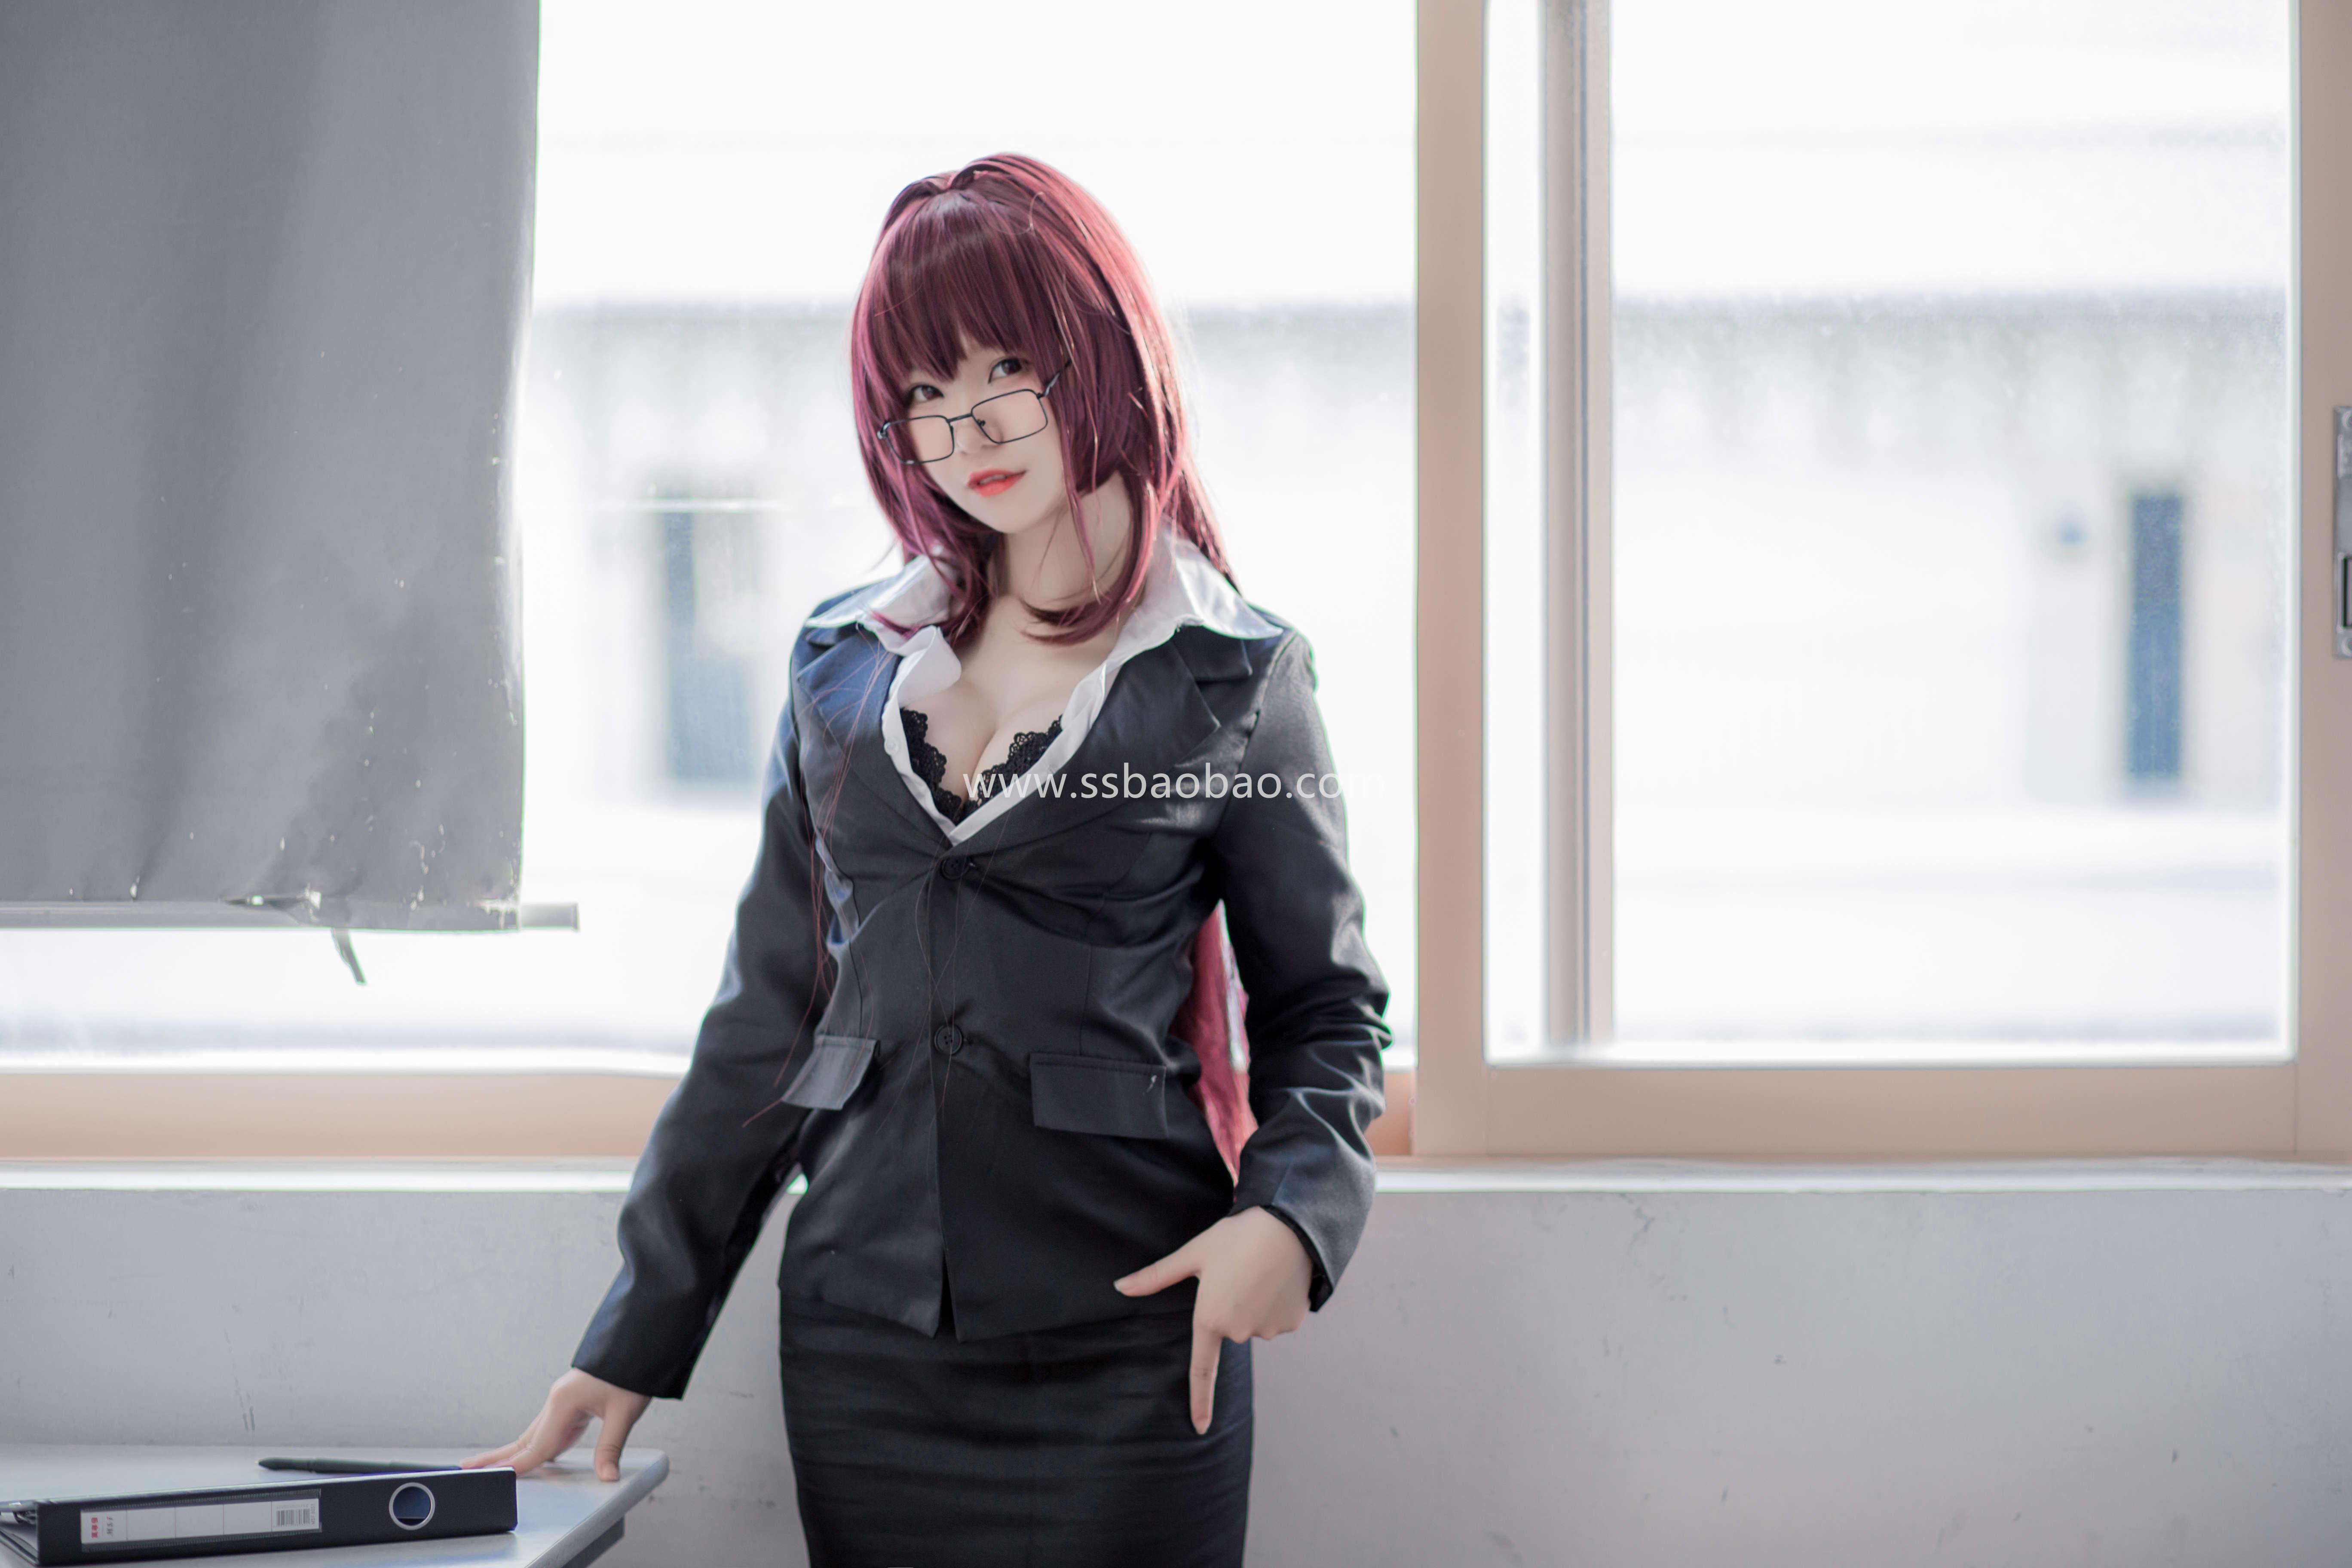 Yoko宅夏 - 斯卡哈教师[33P-266MB]06